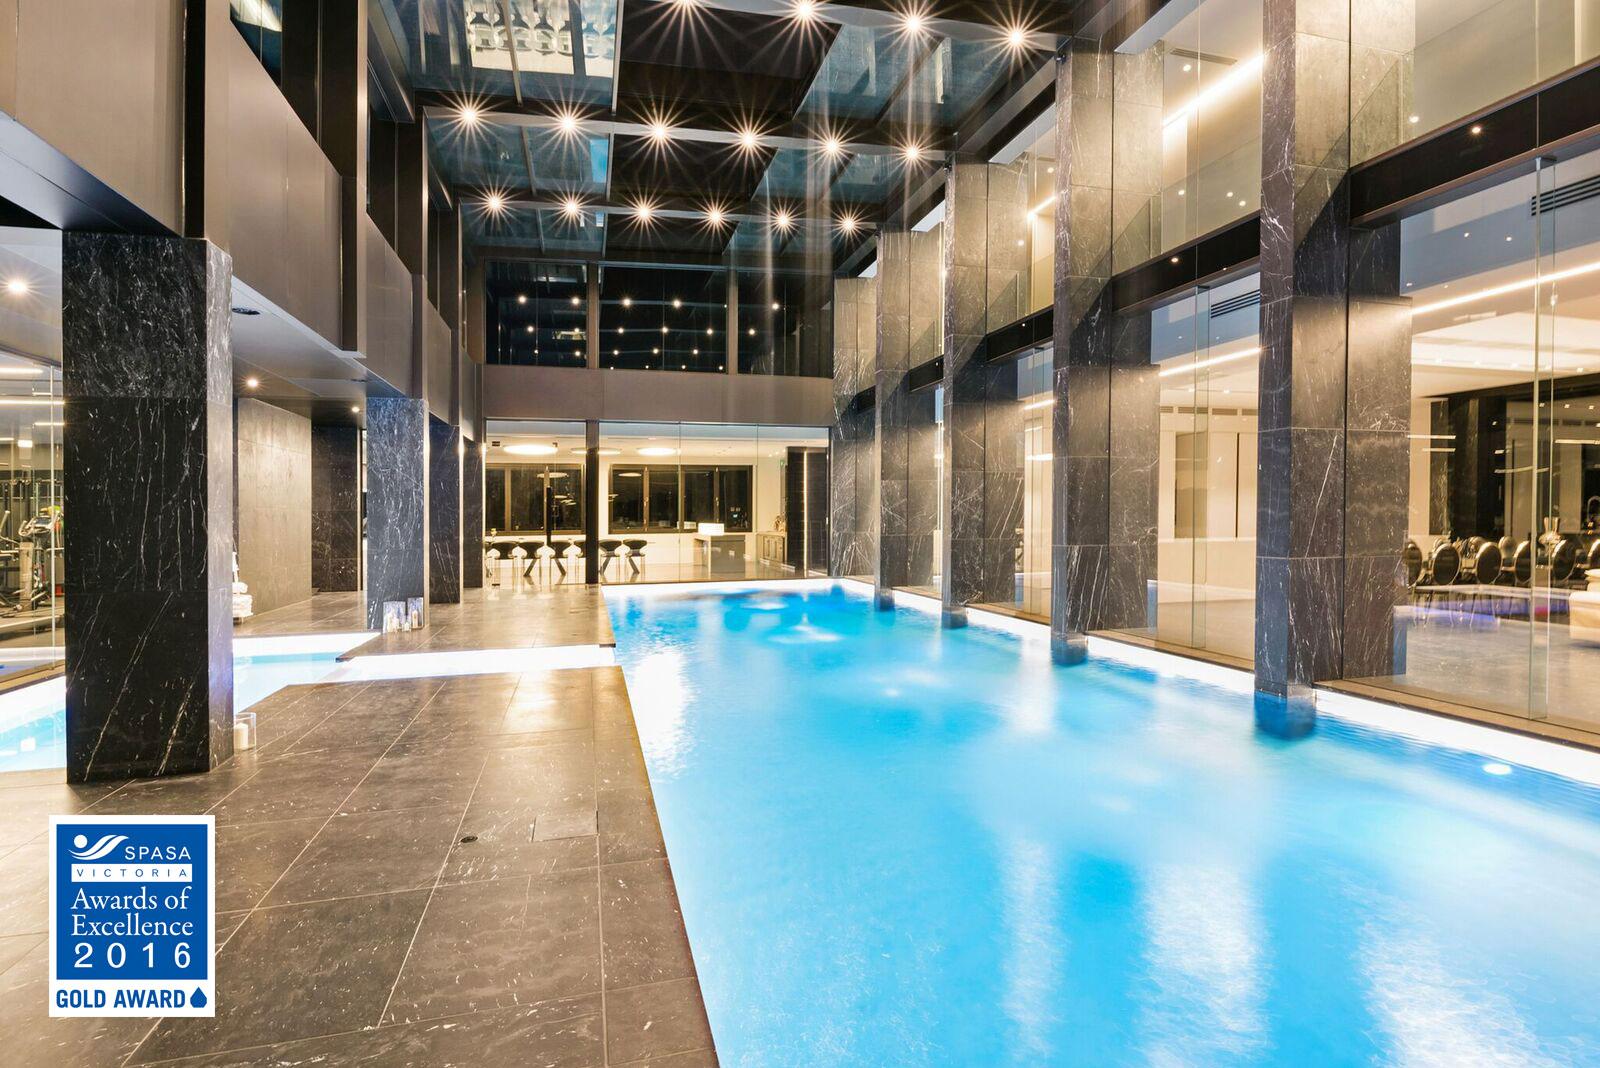 spasa awards showpiece pools. Black Bedroom Furniture Sets. Home Design Ideas